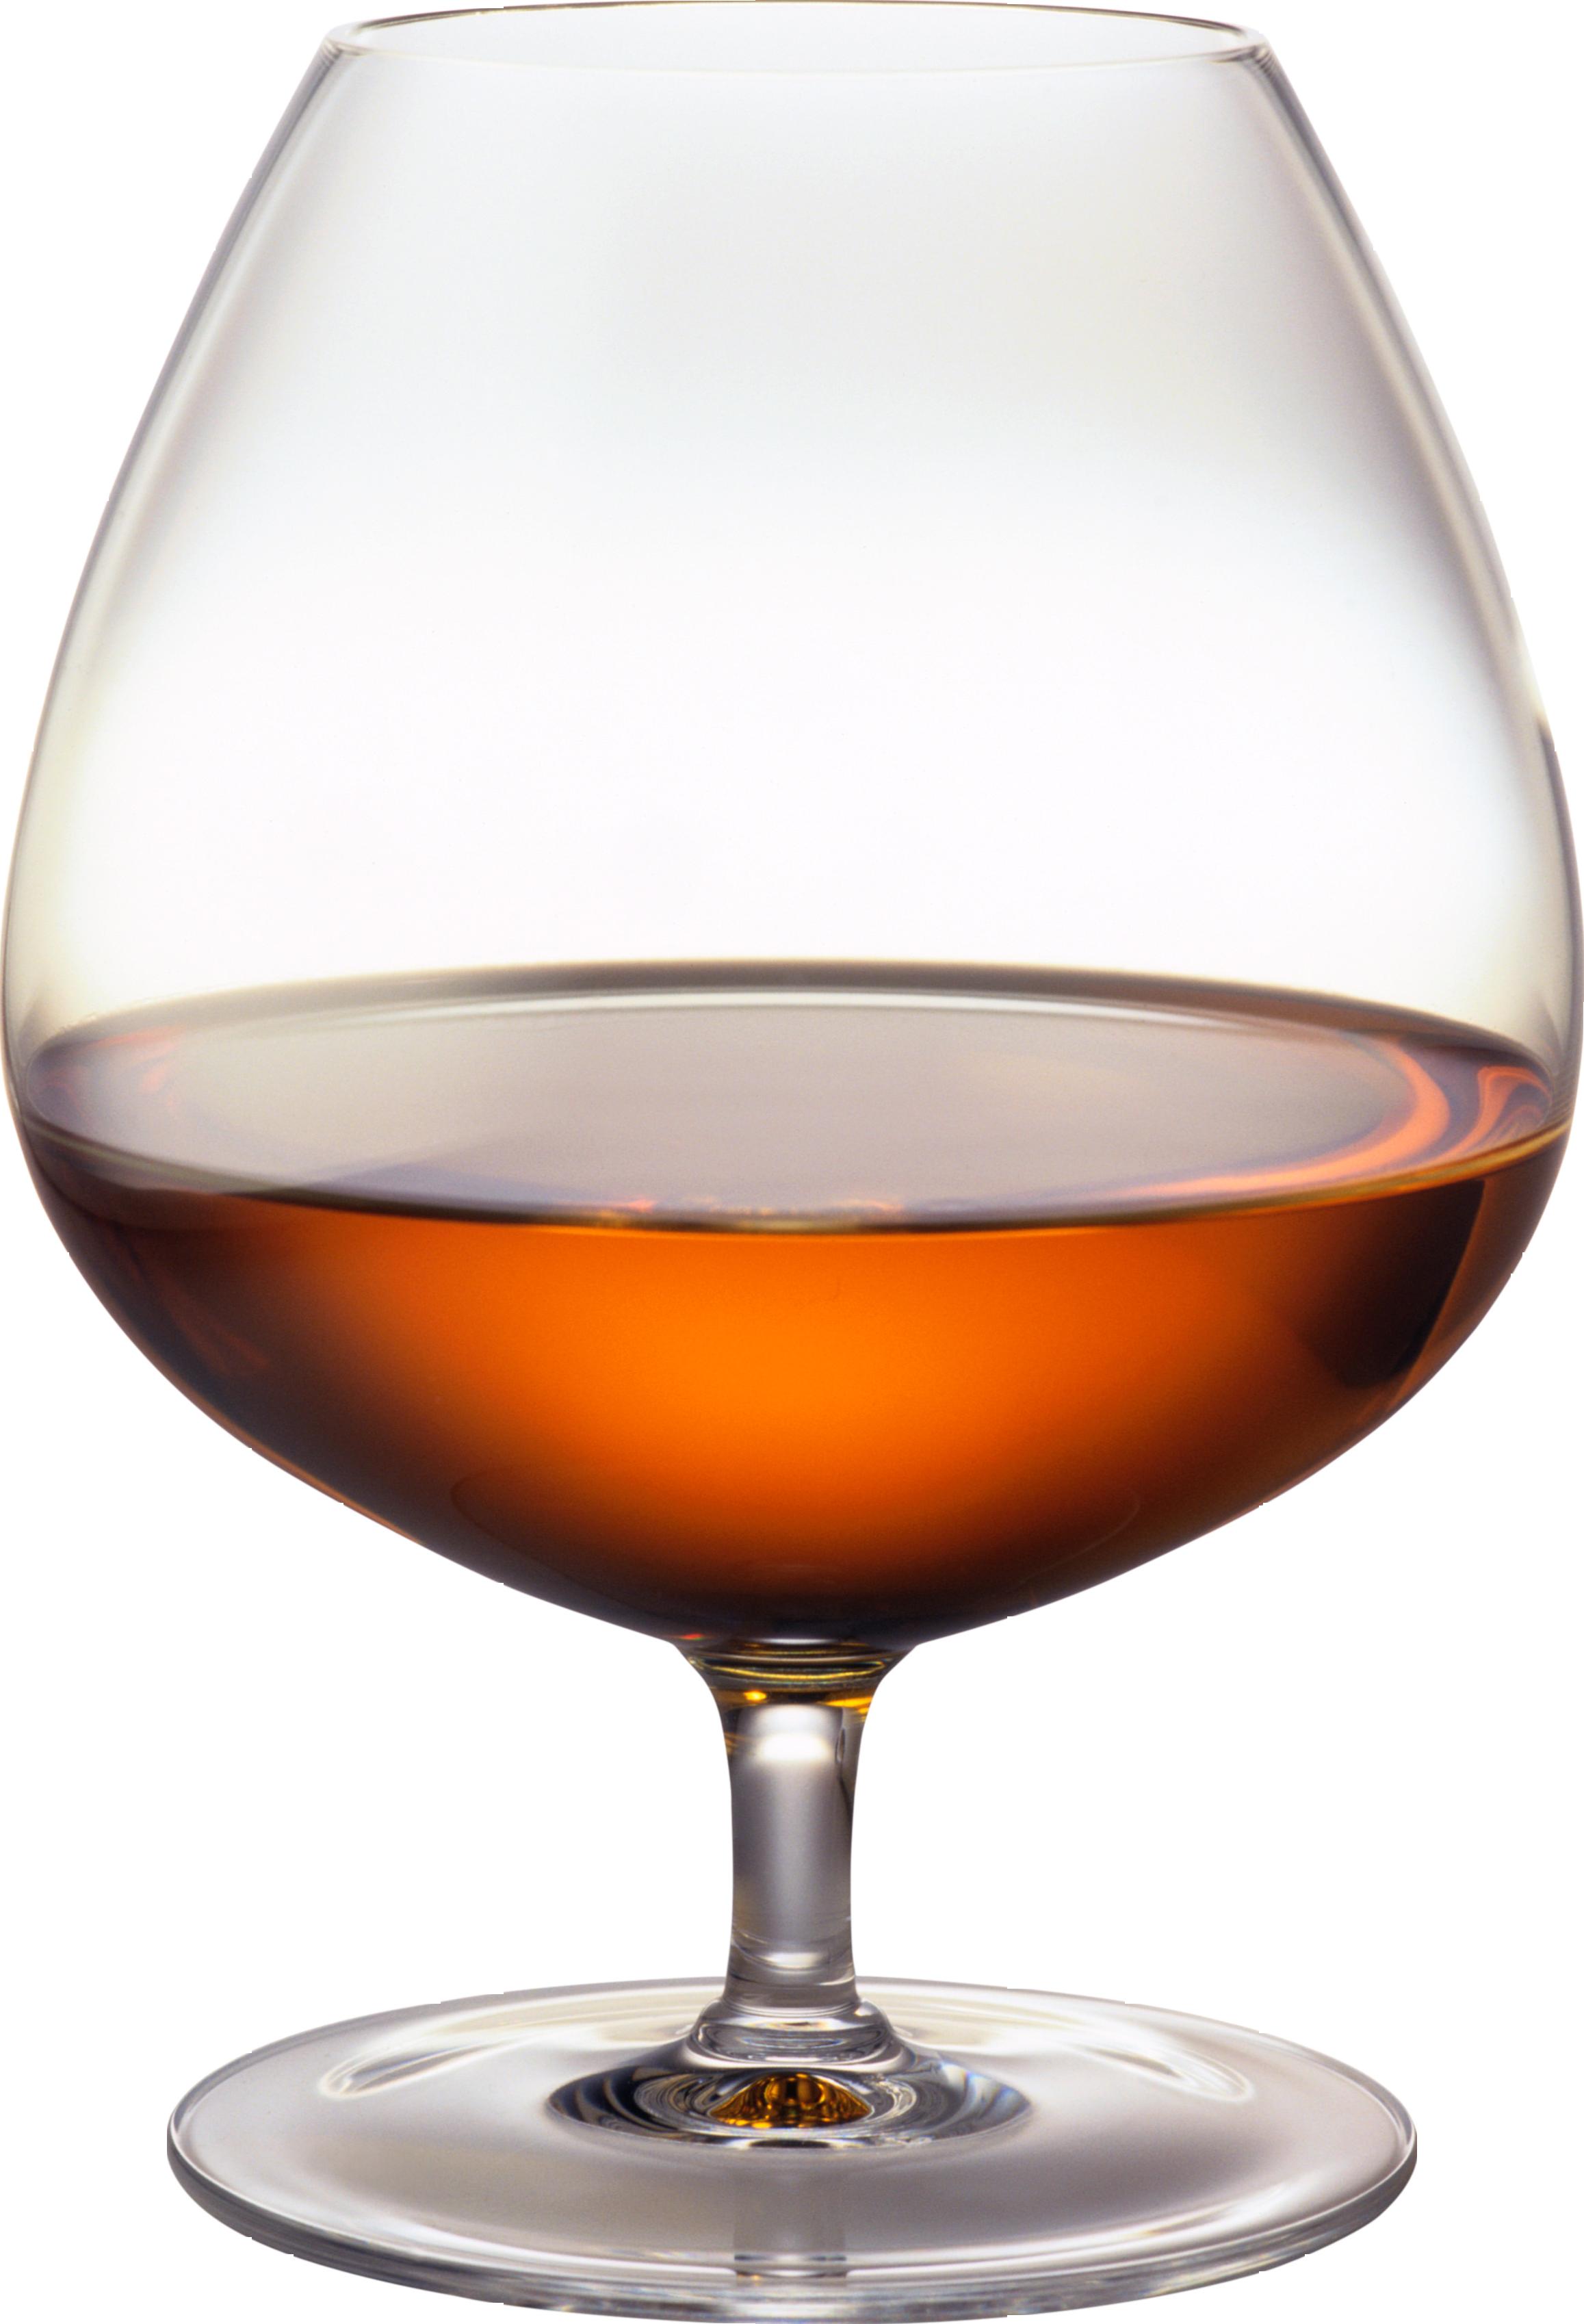 Cognac clipart.